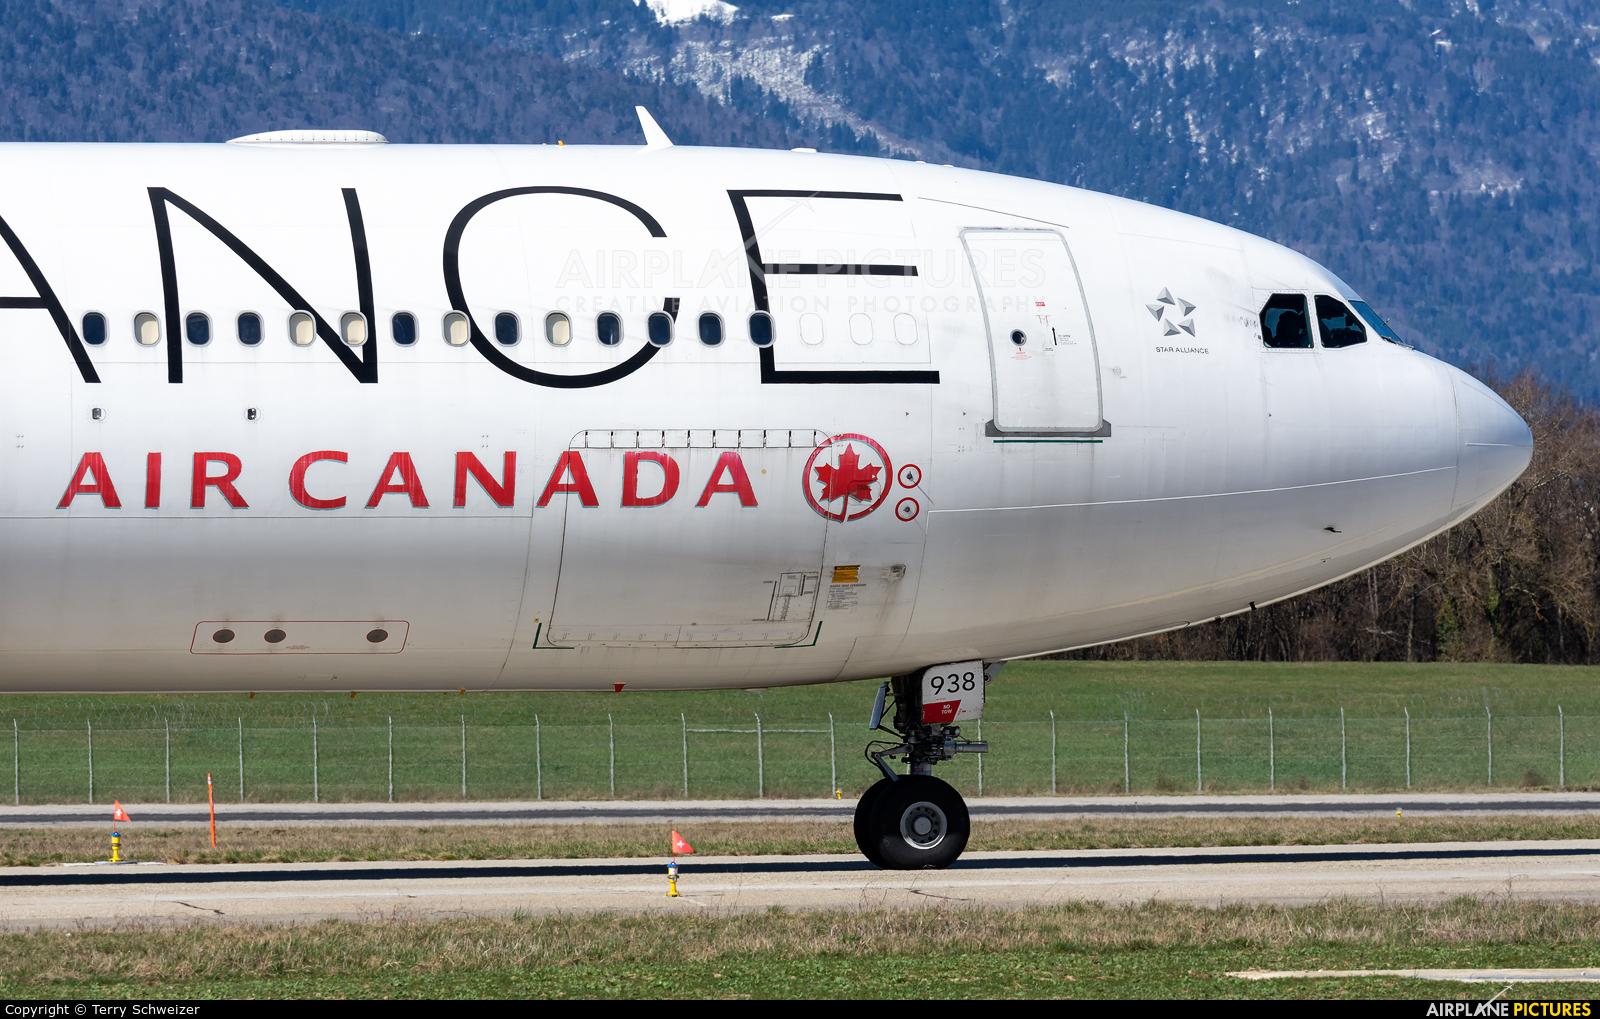 Air Canada C-GHLM aircraft at Geneva Intl